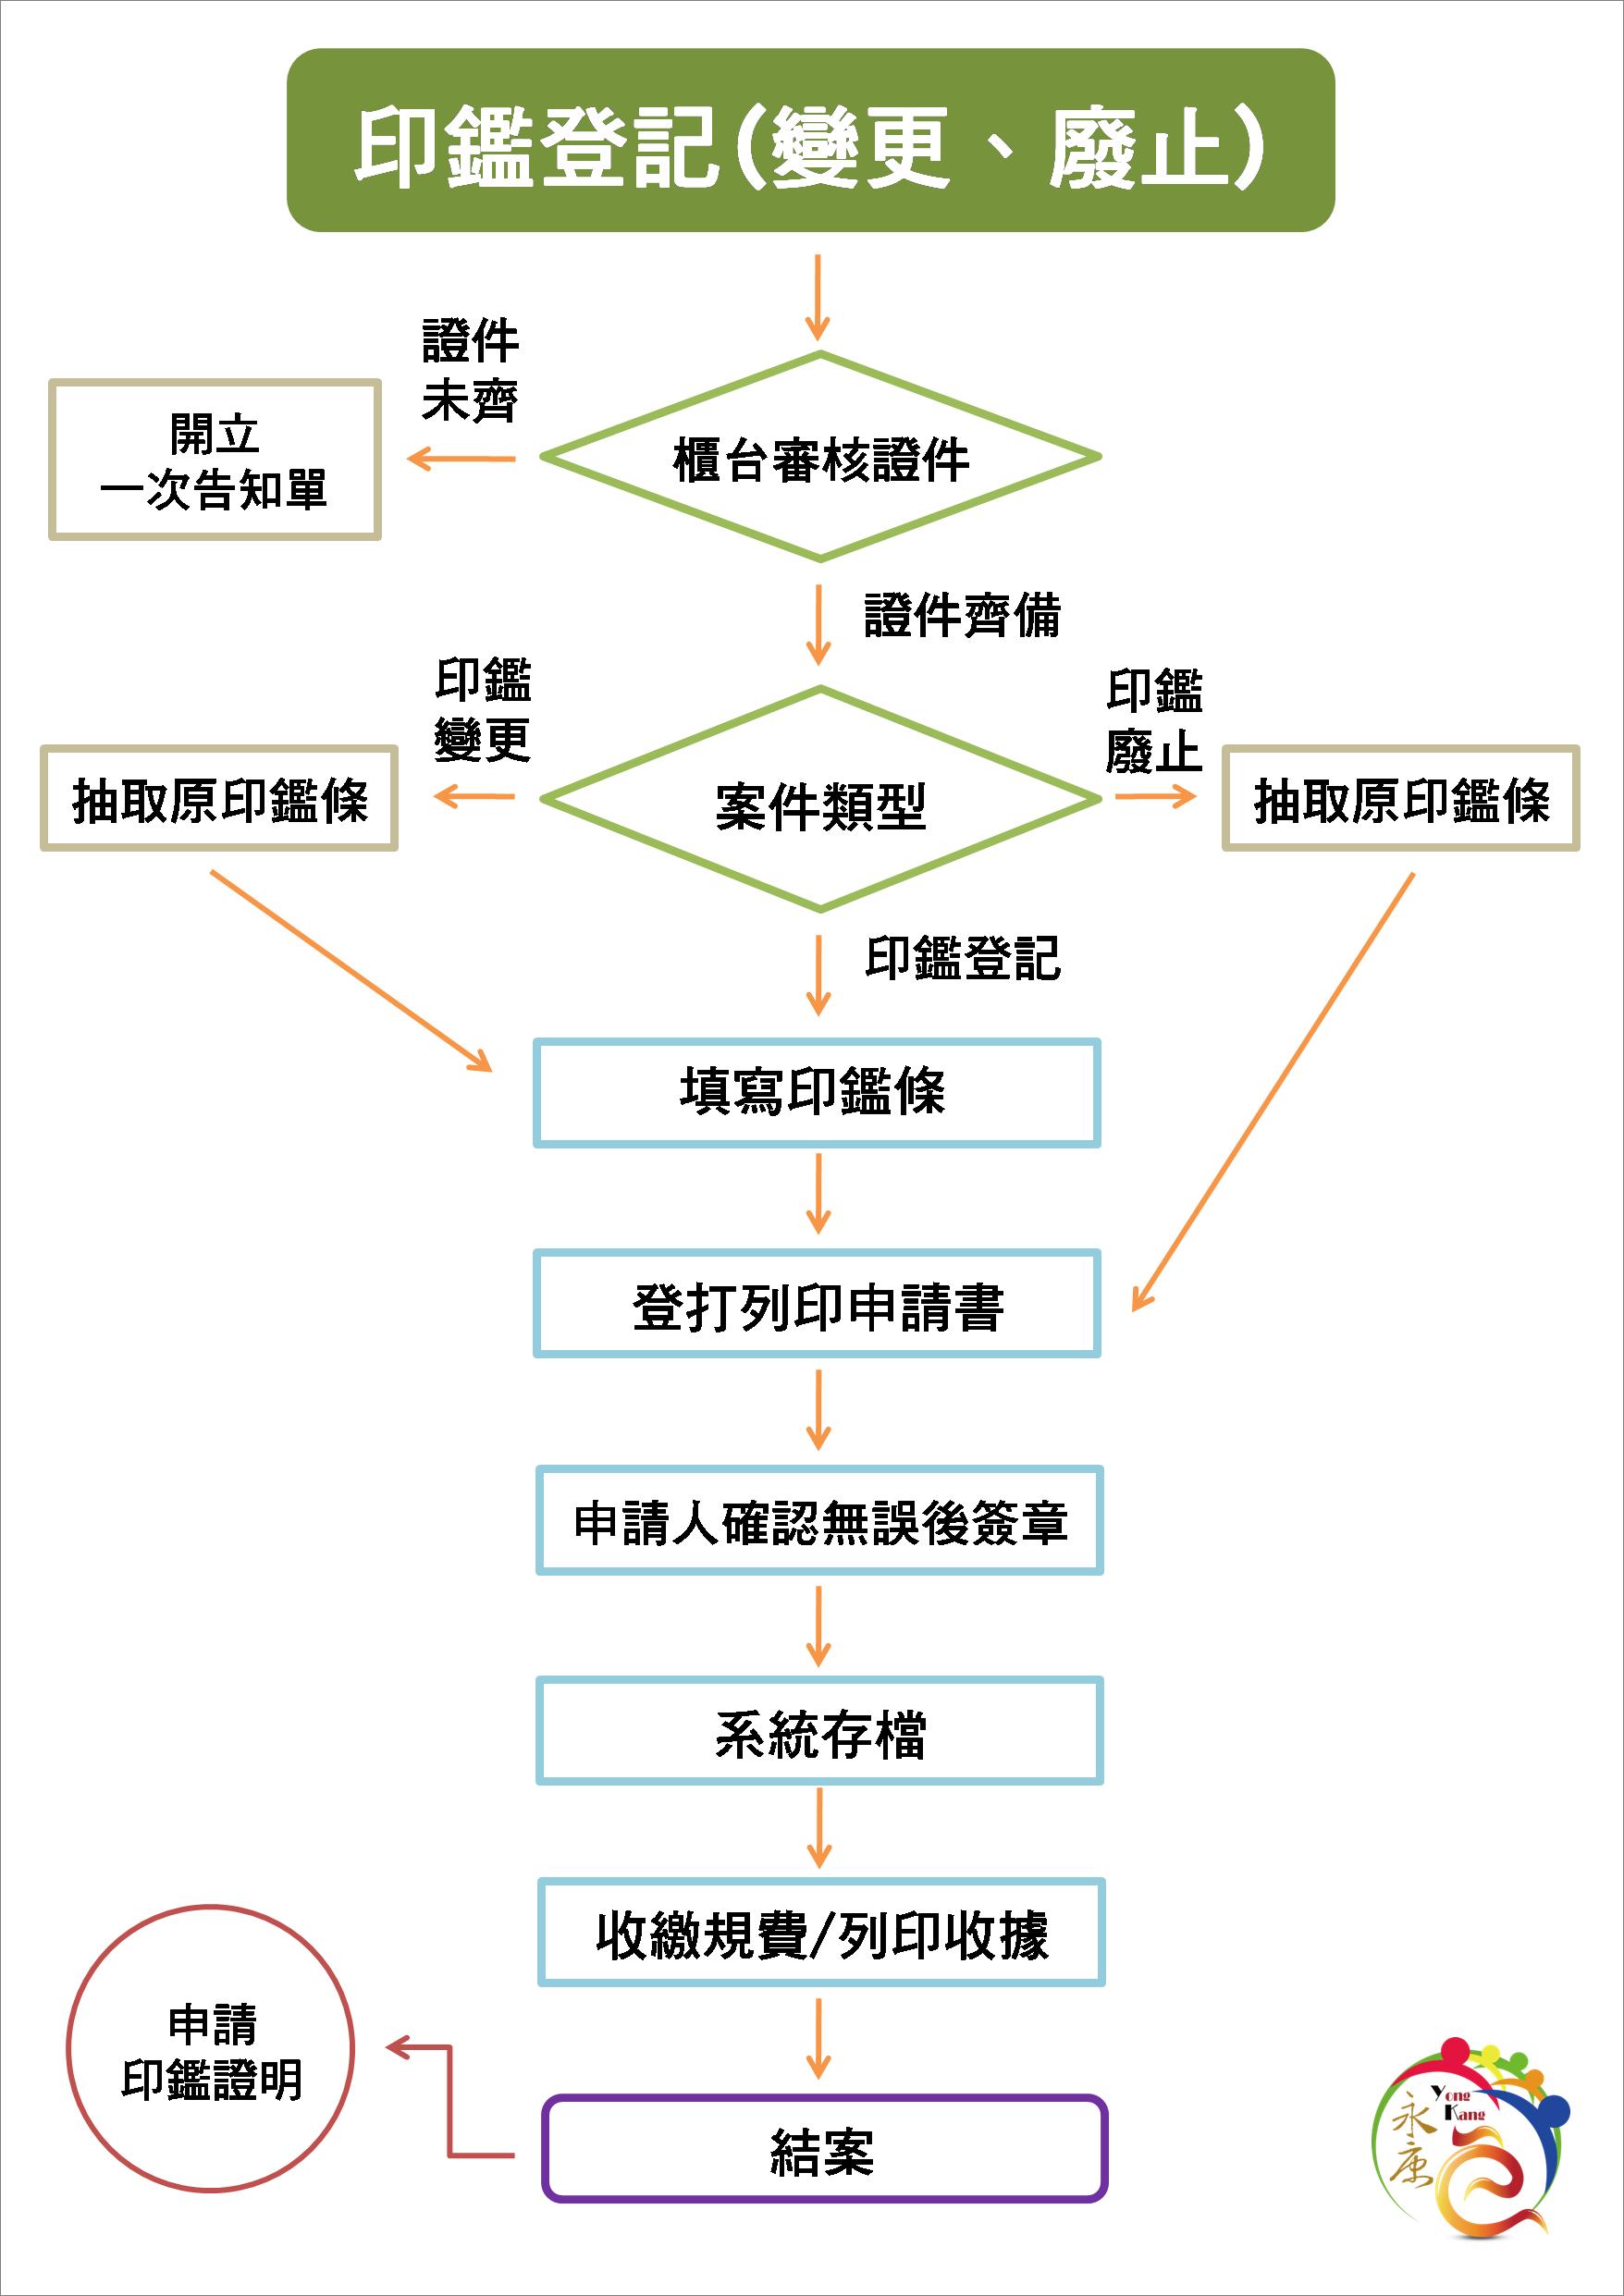 申請印鑑登記(變更、廢止)作業流程圖